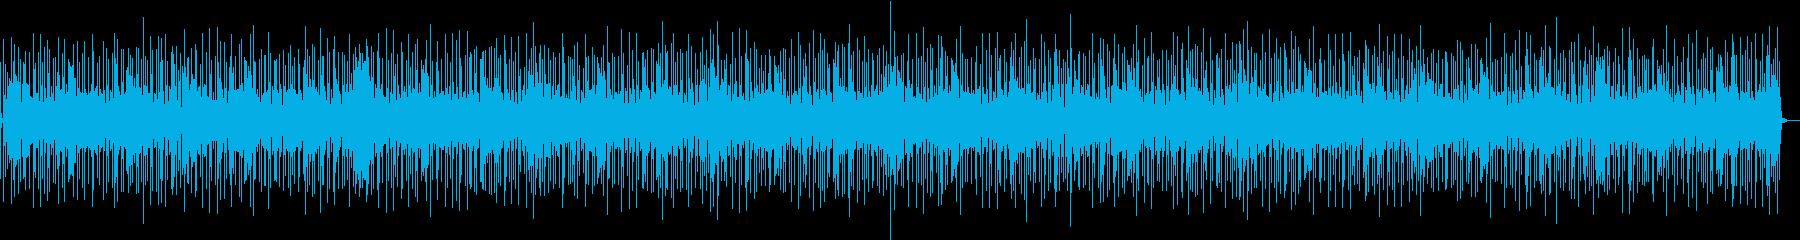 バンドサウンド軽快なロックンロールBGMの再生済みの波形